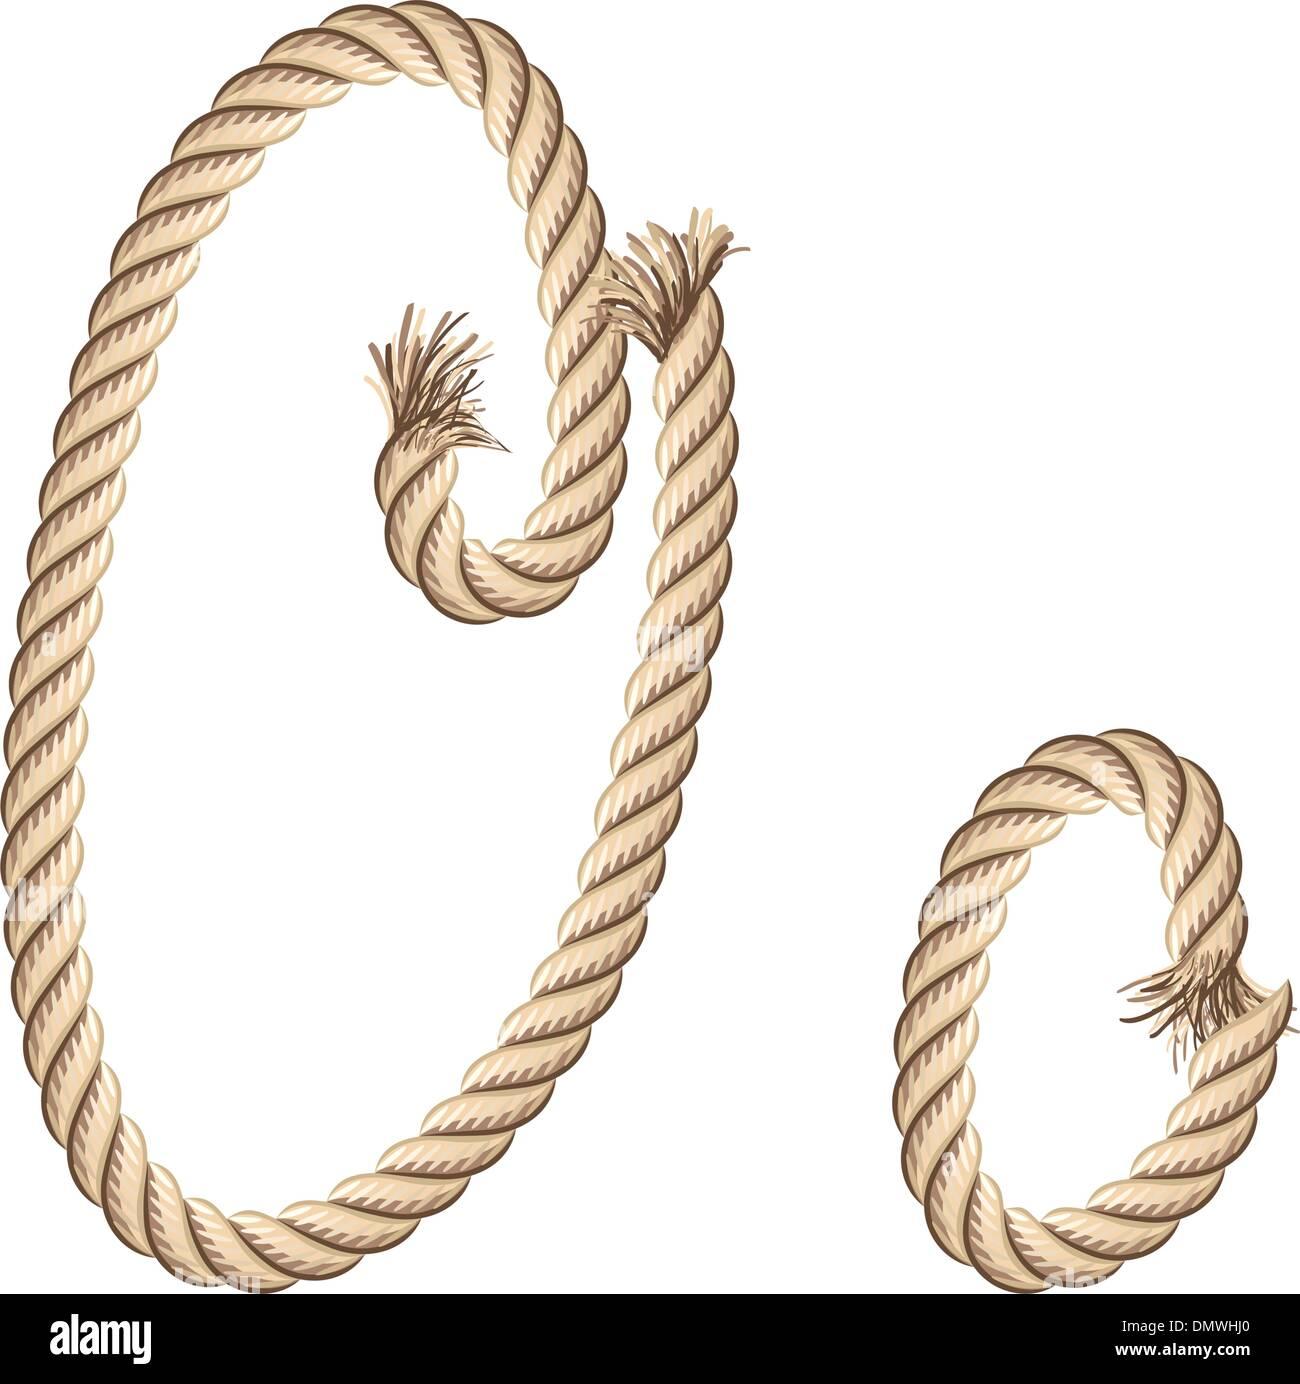 Rope Alphabet Letter O Stock Vector Art Illustration Vector